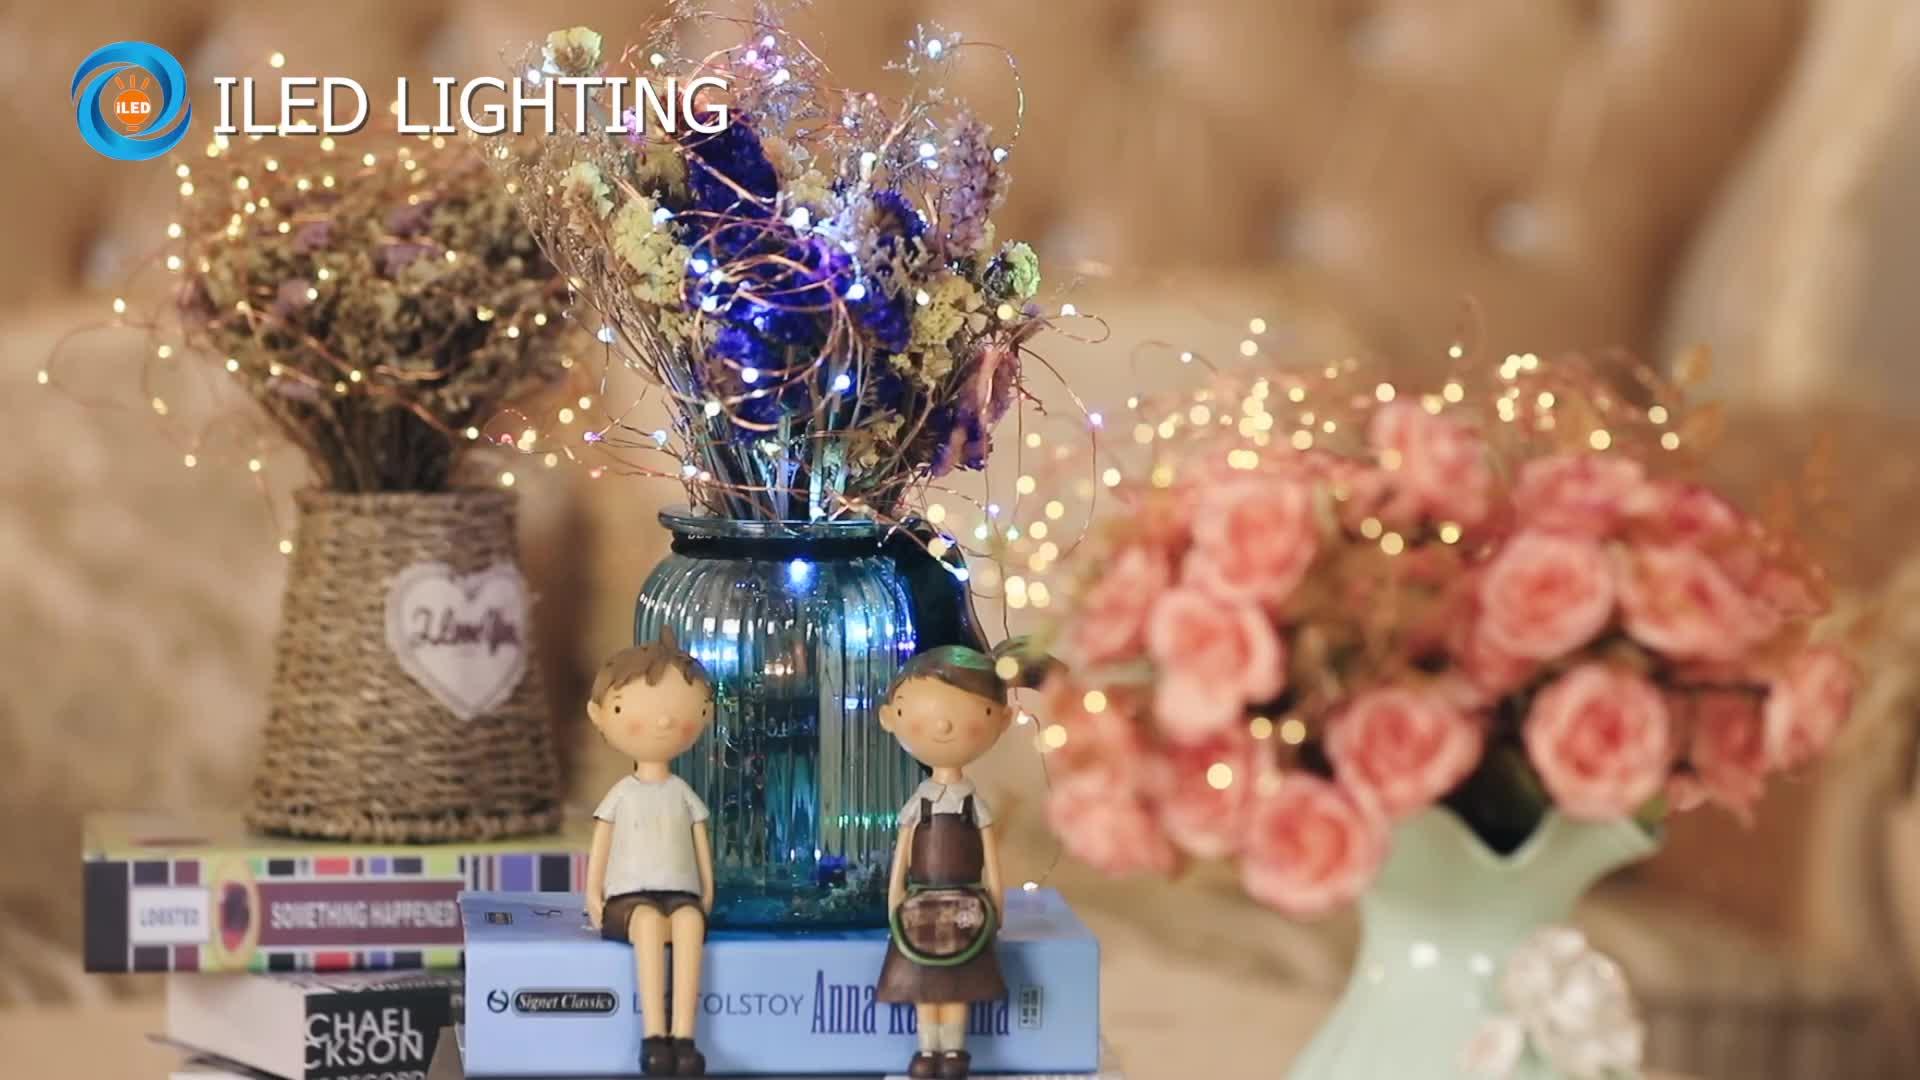 Barato Por Atacado Ao Ar Livre Luz Da Corda 3AA Alimentado Por Bateria Pode Ser Escurecido LED Do Feriado Do Natal Luzes De Fadas 8 Funções com Controle Remoto